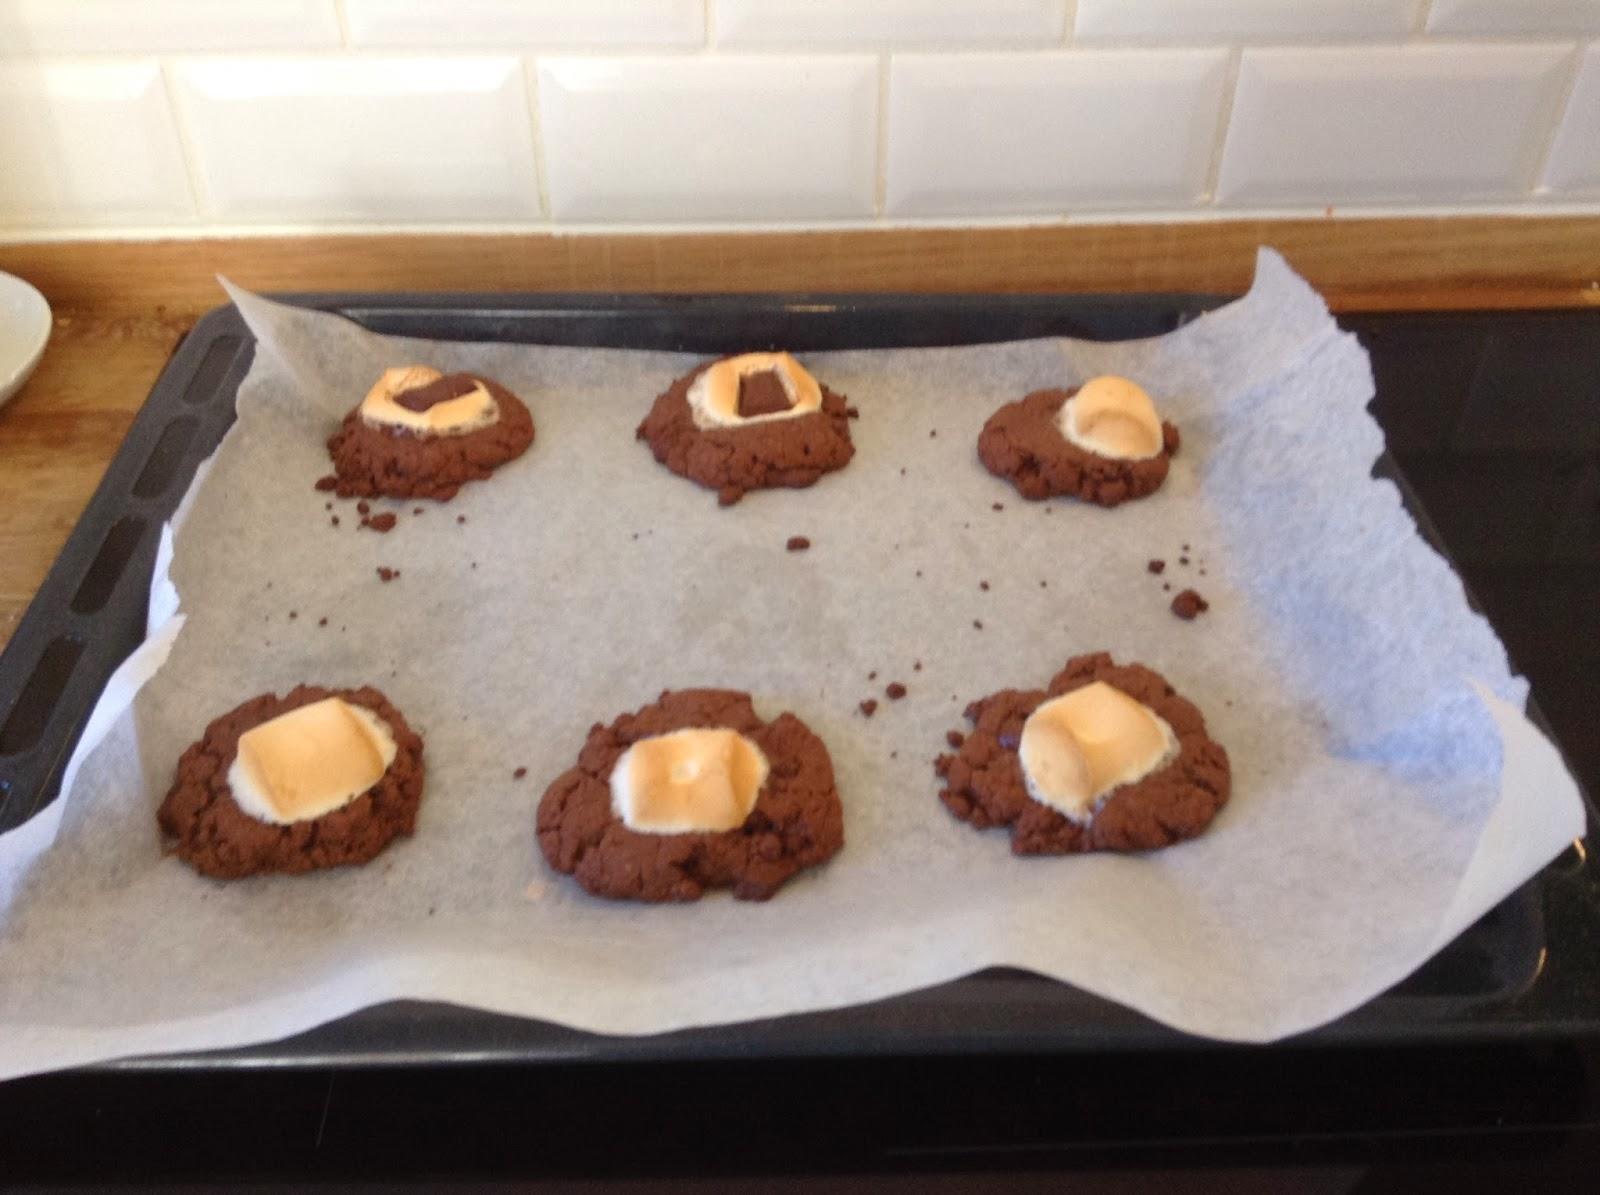 Baked cookies,